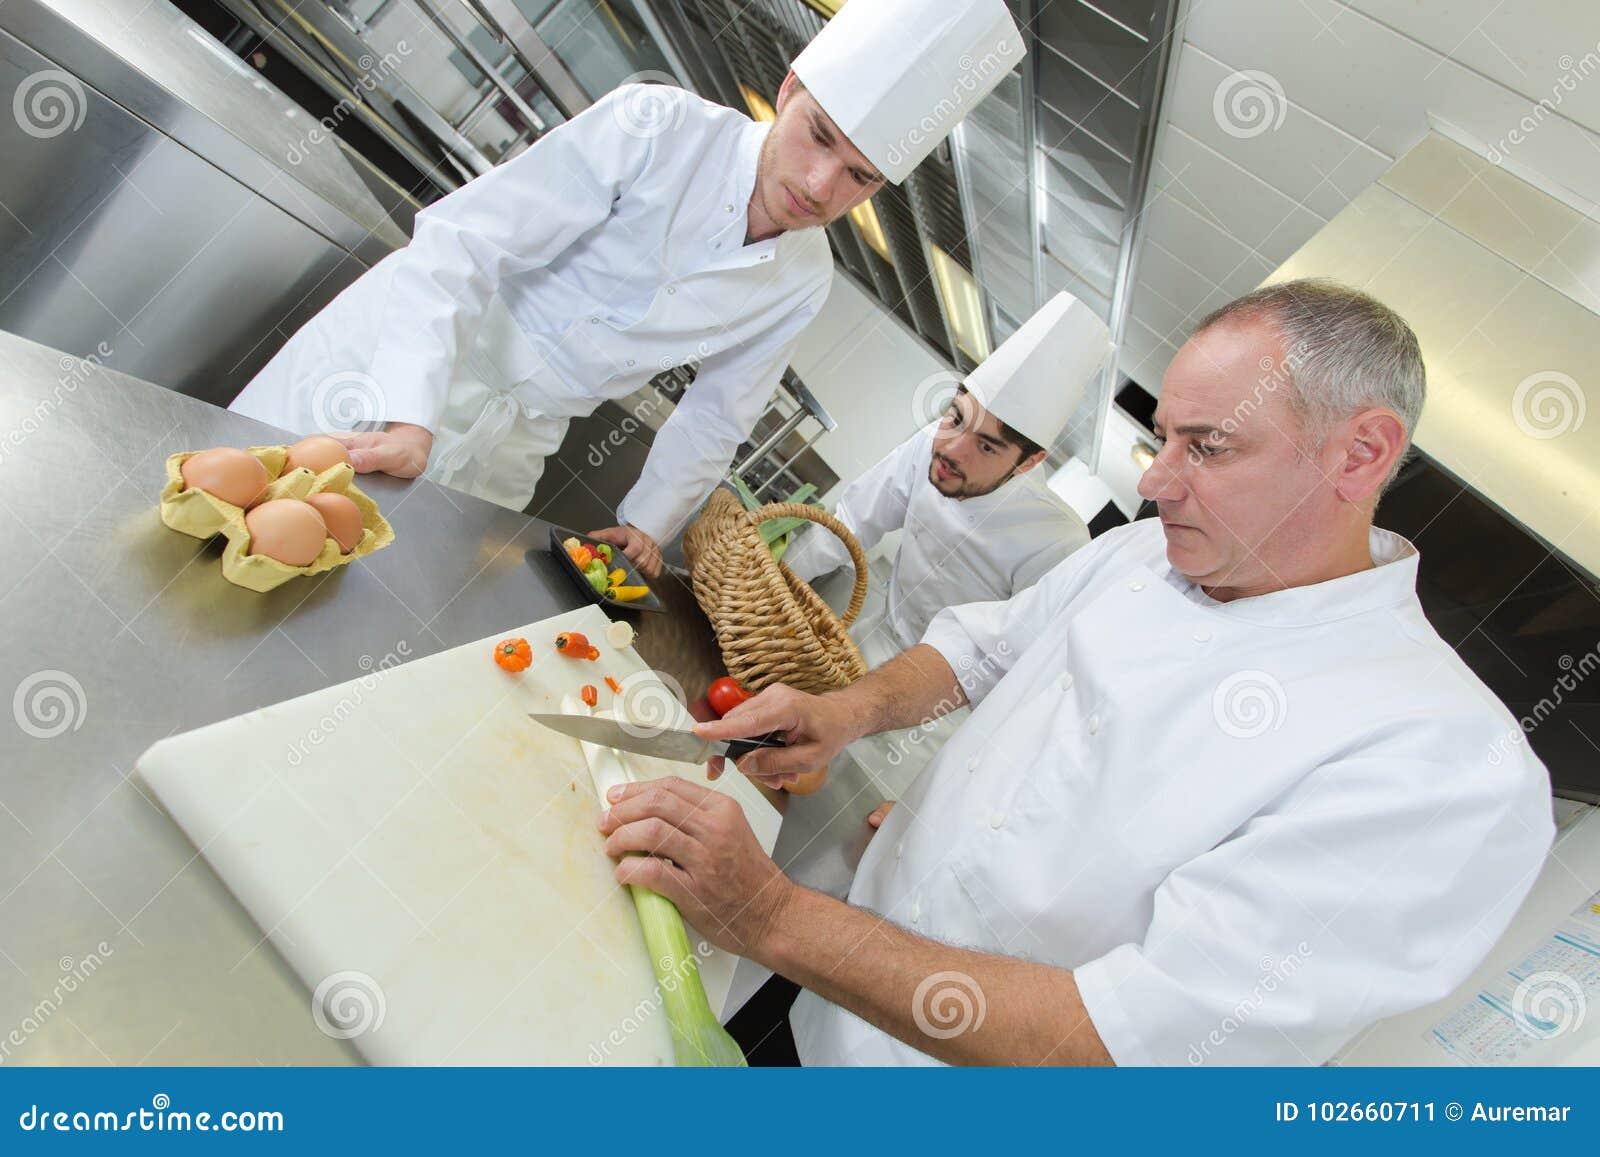 Colegas de enseñanza del chef cómo cortar verduras